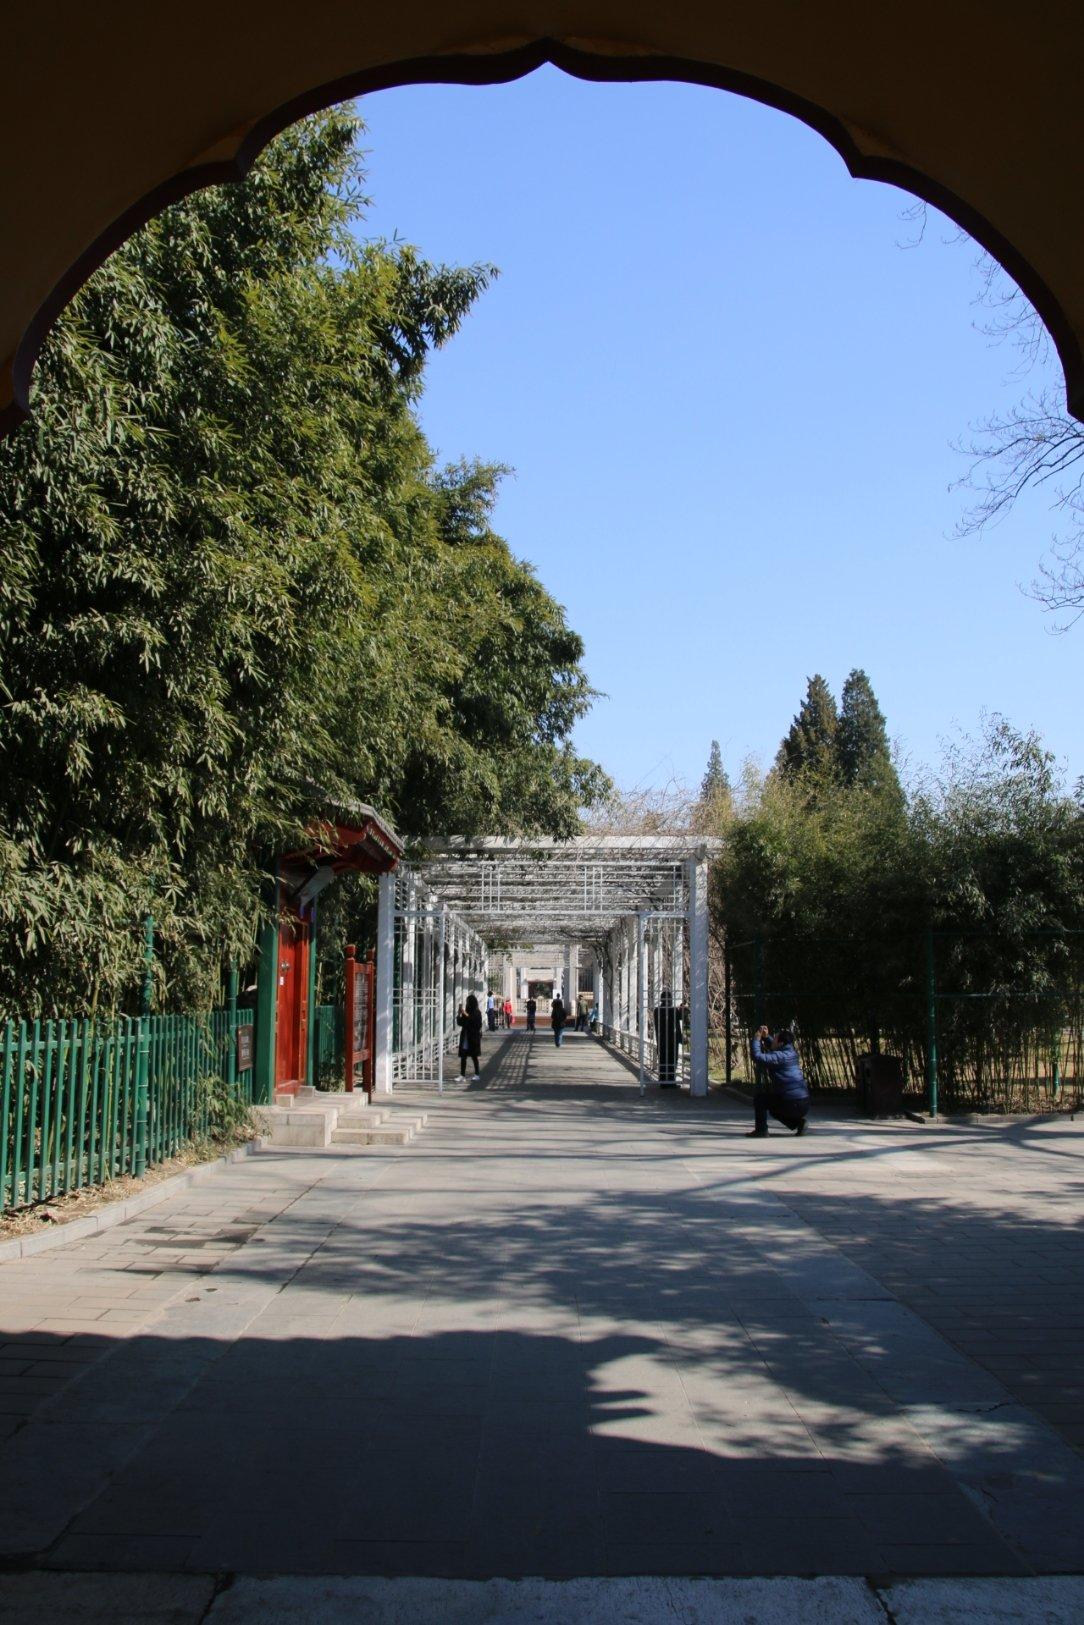 东中山公园_北京市东城区织女桥东河沿靠近中山公园-社稷坛